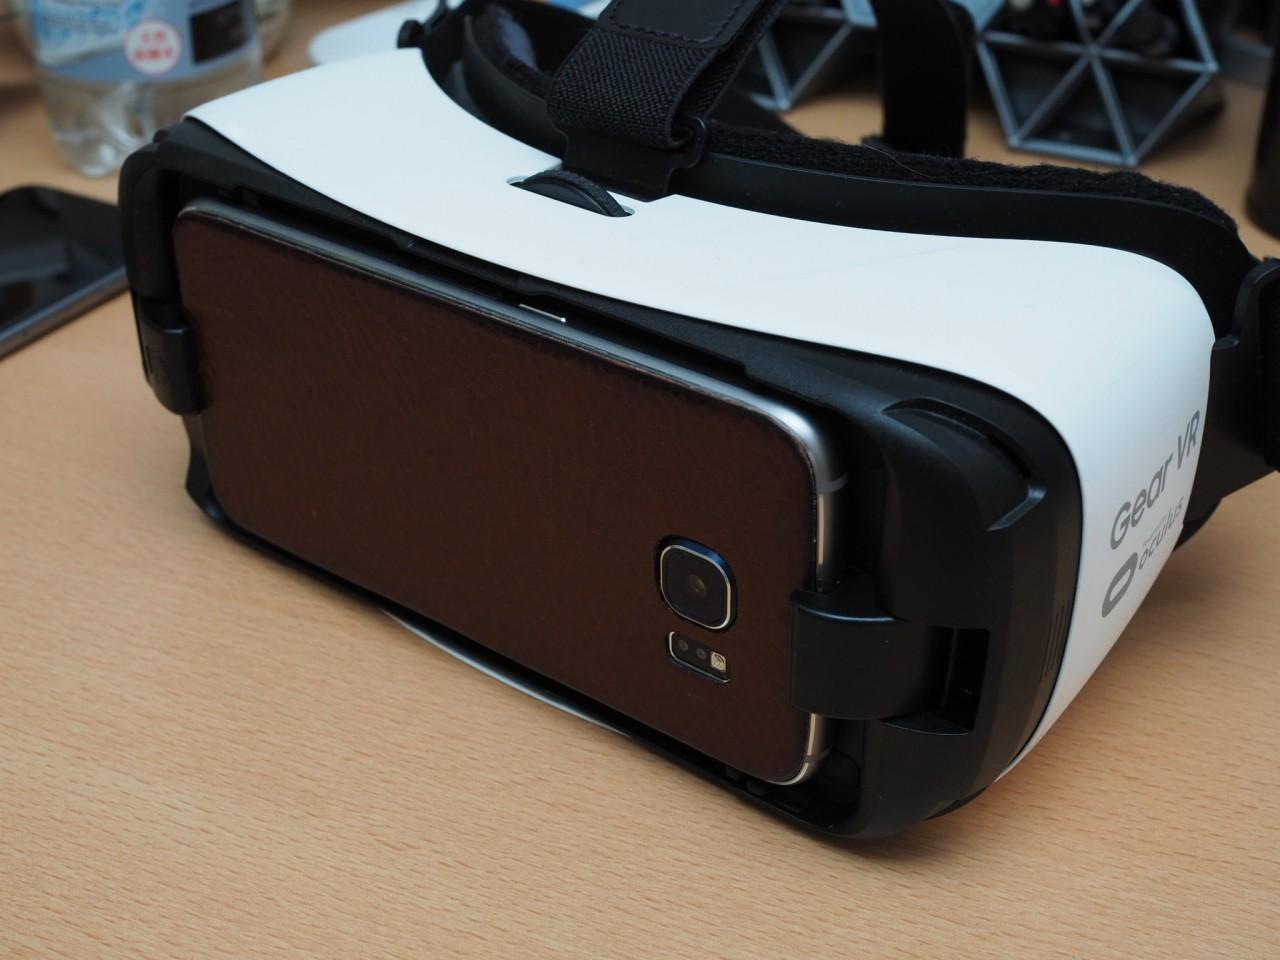 Gear VRがWebVRをサポート